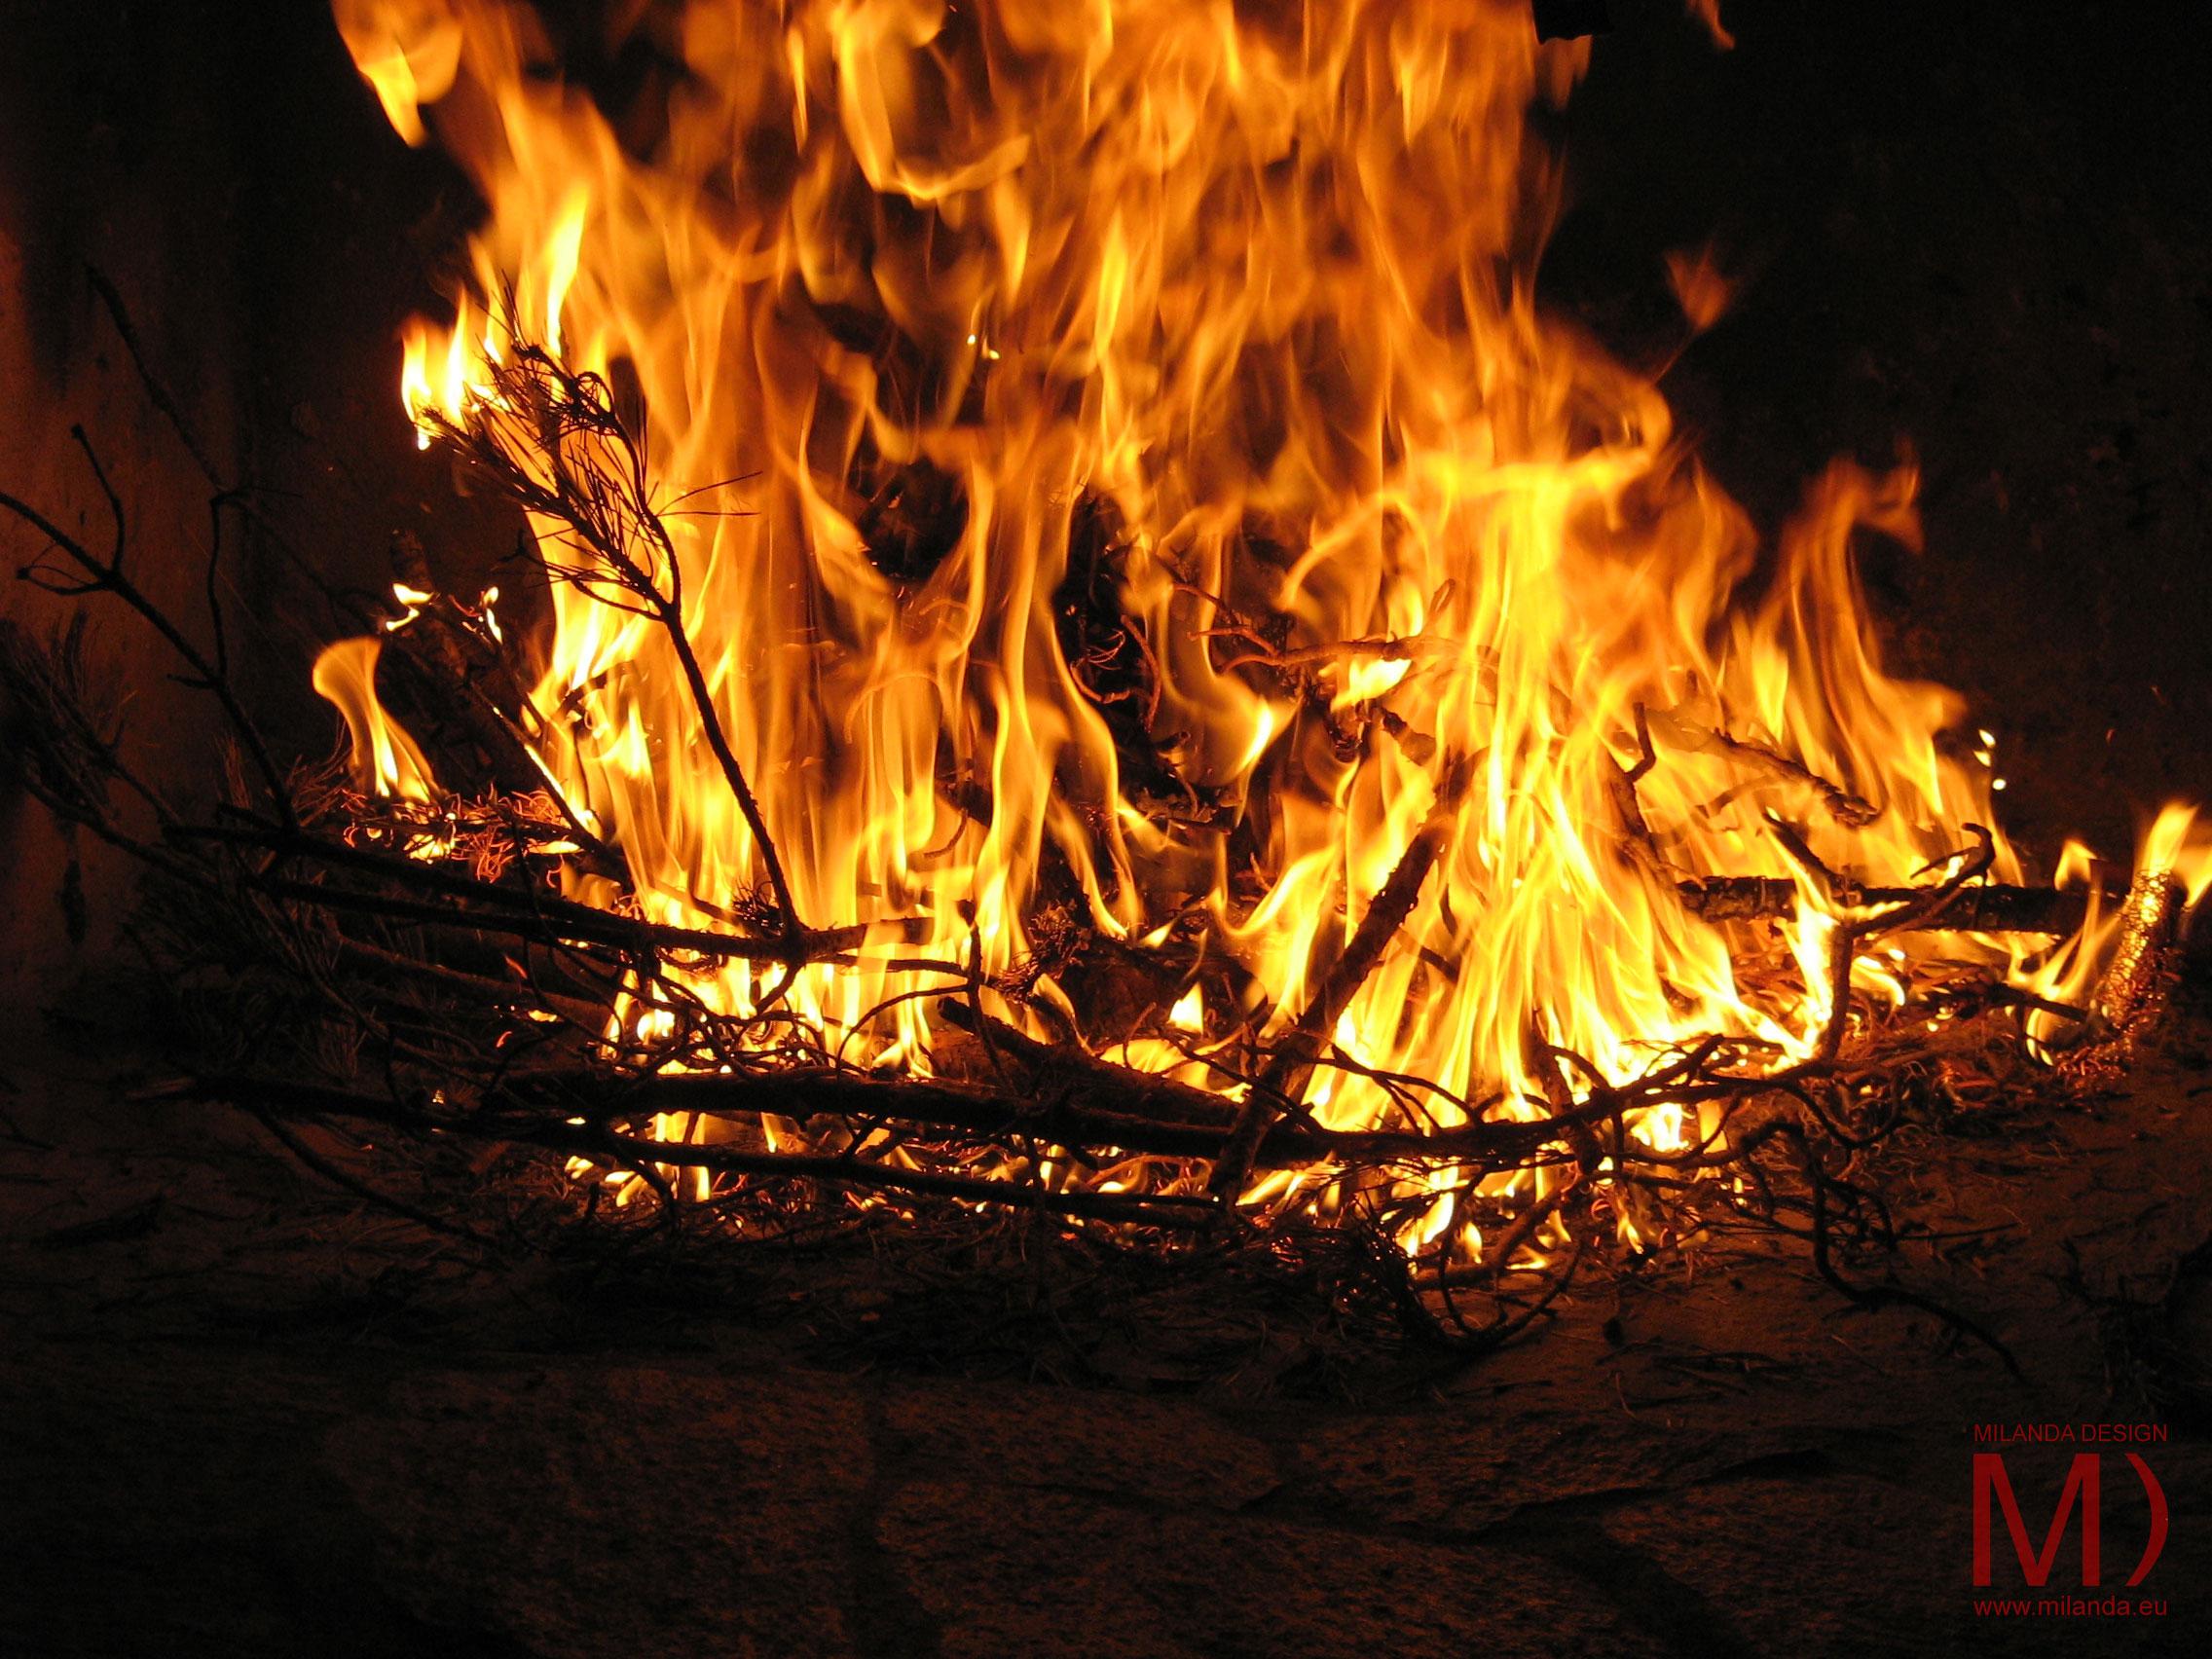 Fire Wallpaper 2272x1704